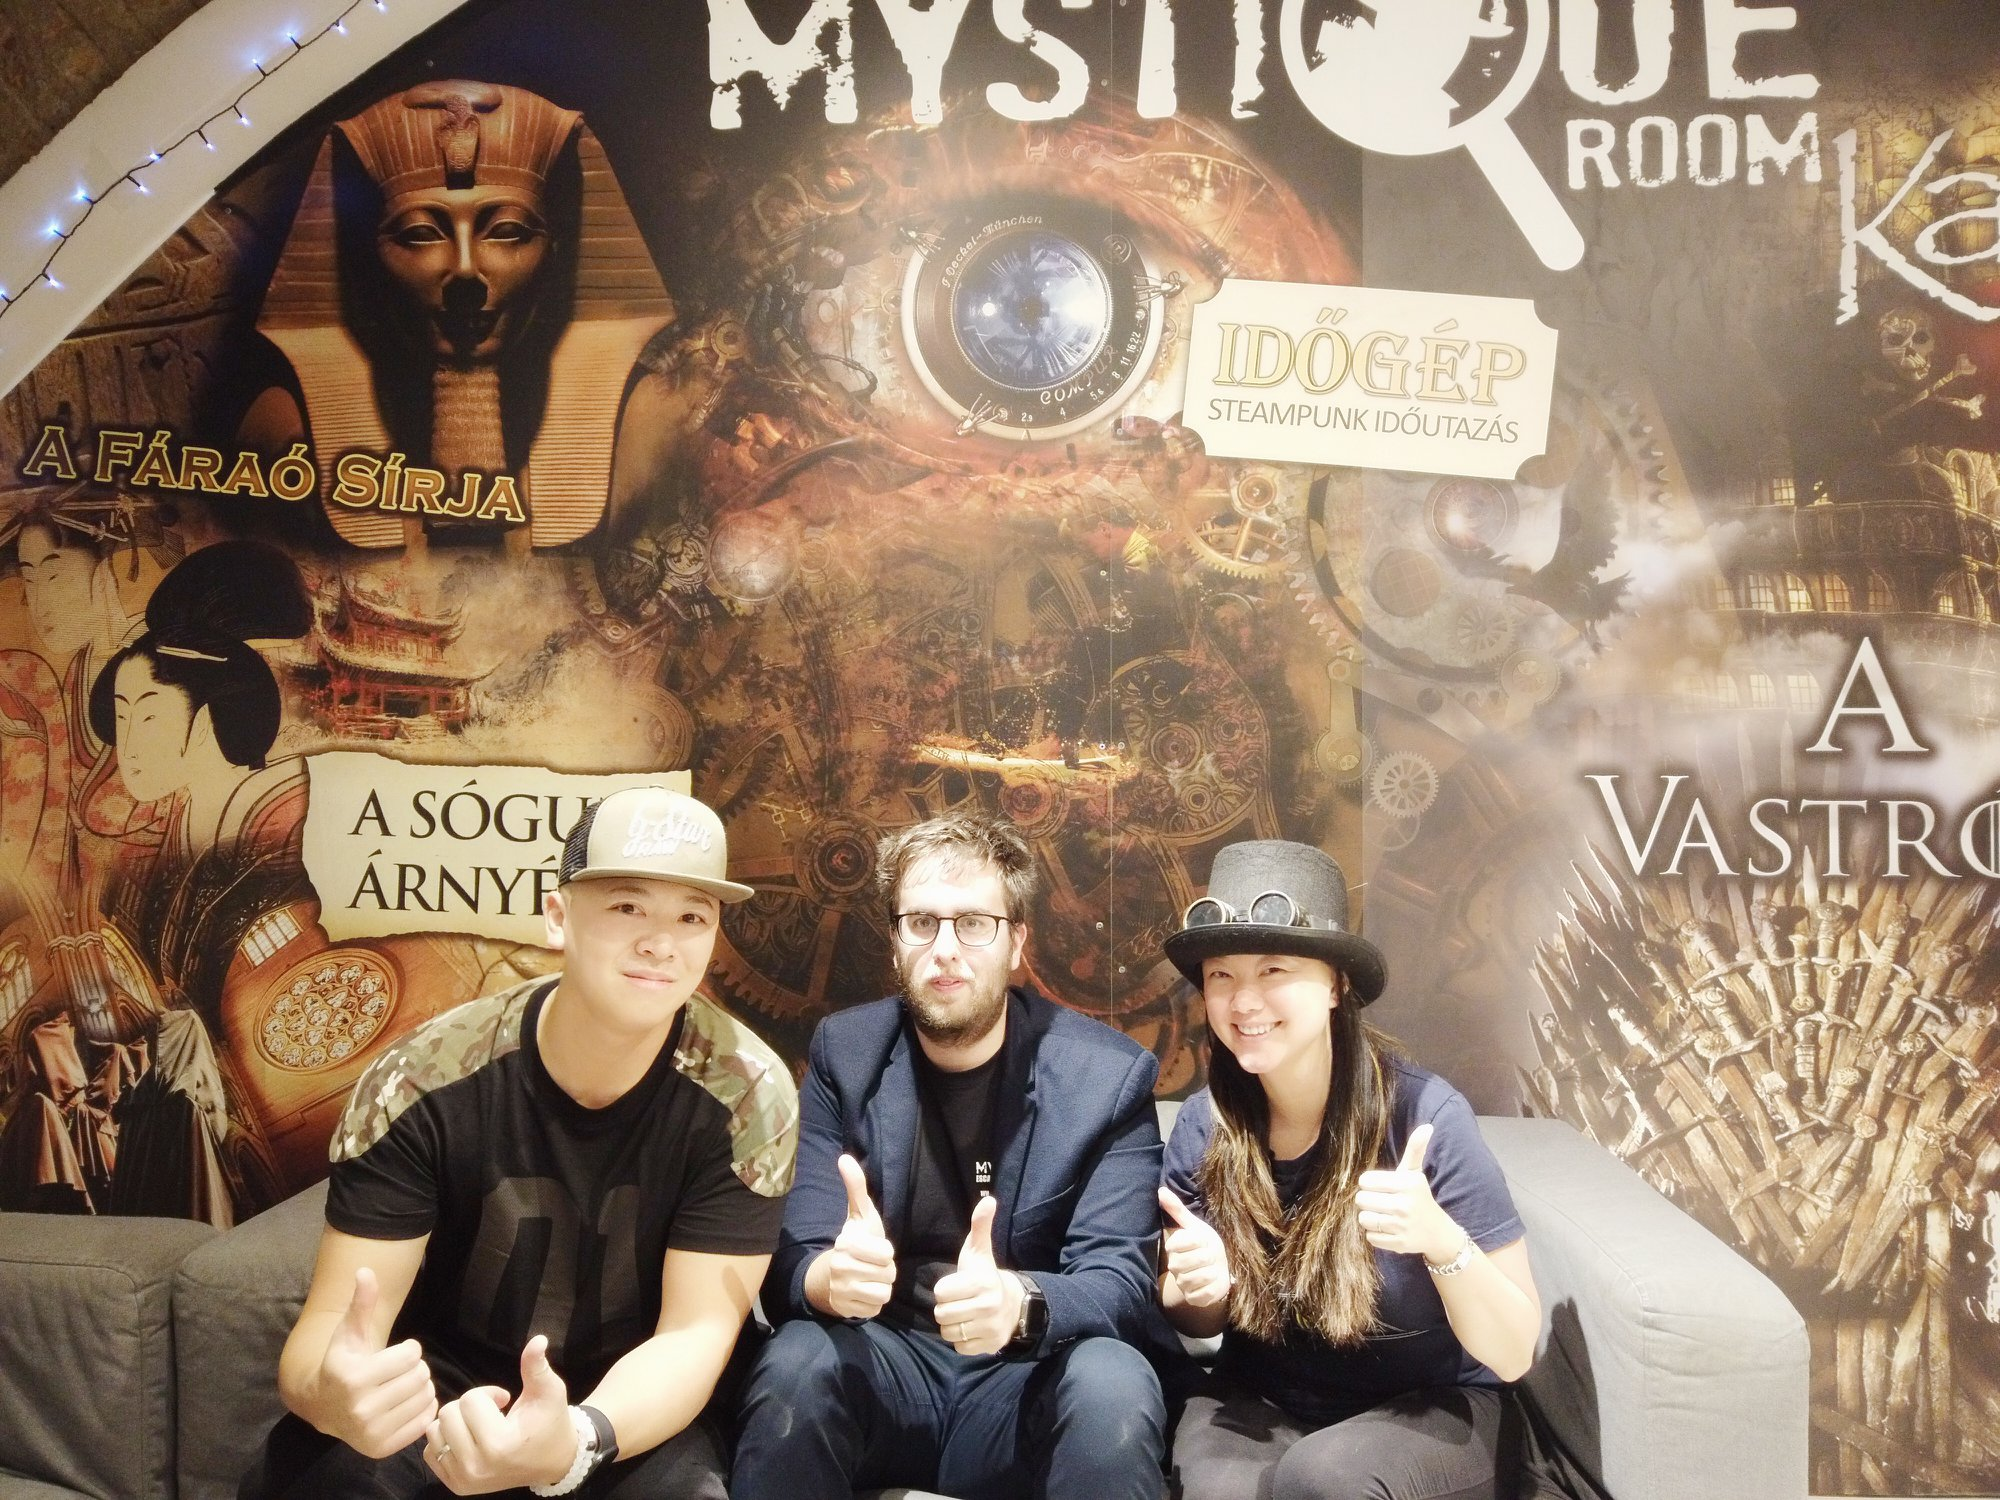 Mystique Room